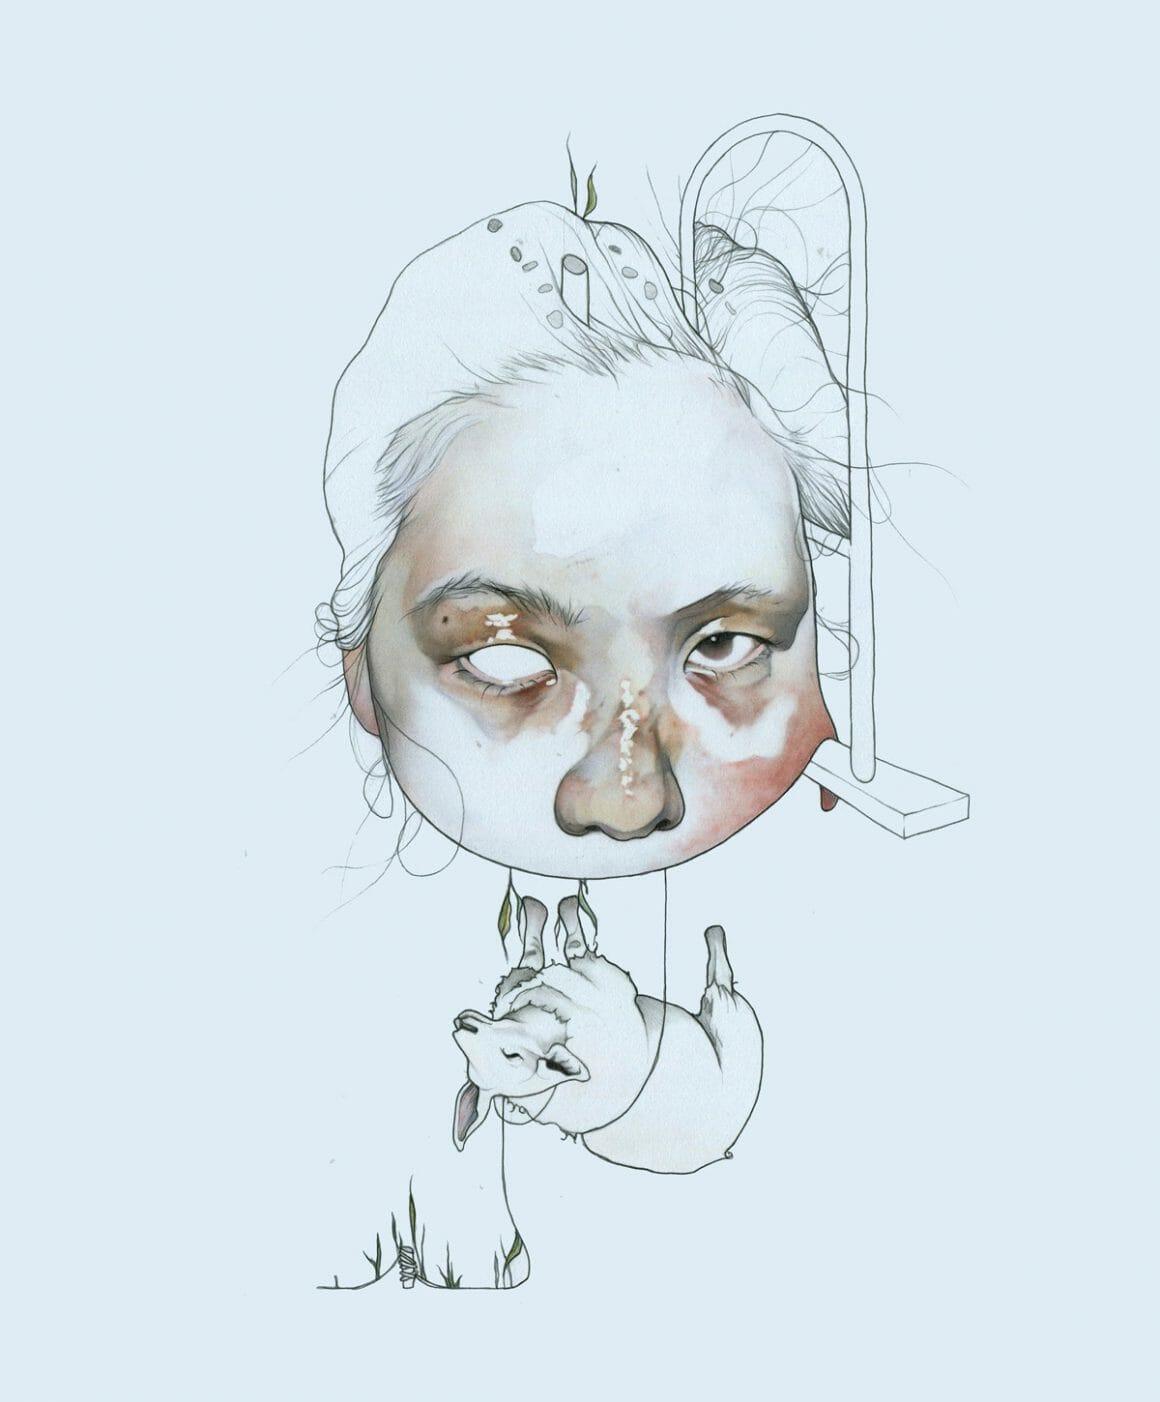 un dessin sur fond bleu de Haejung Lee